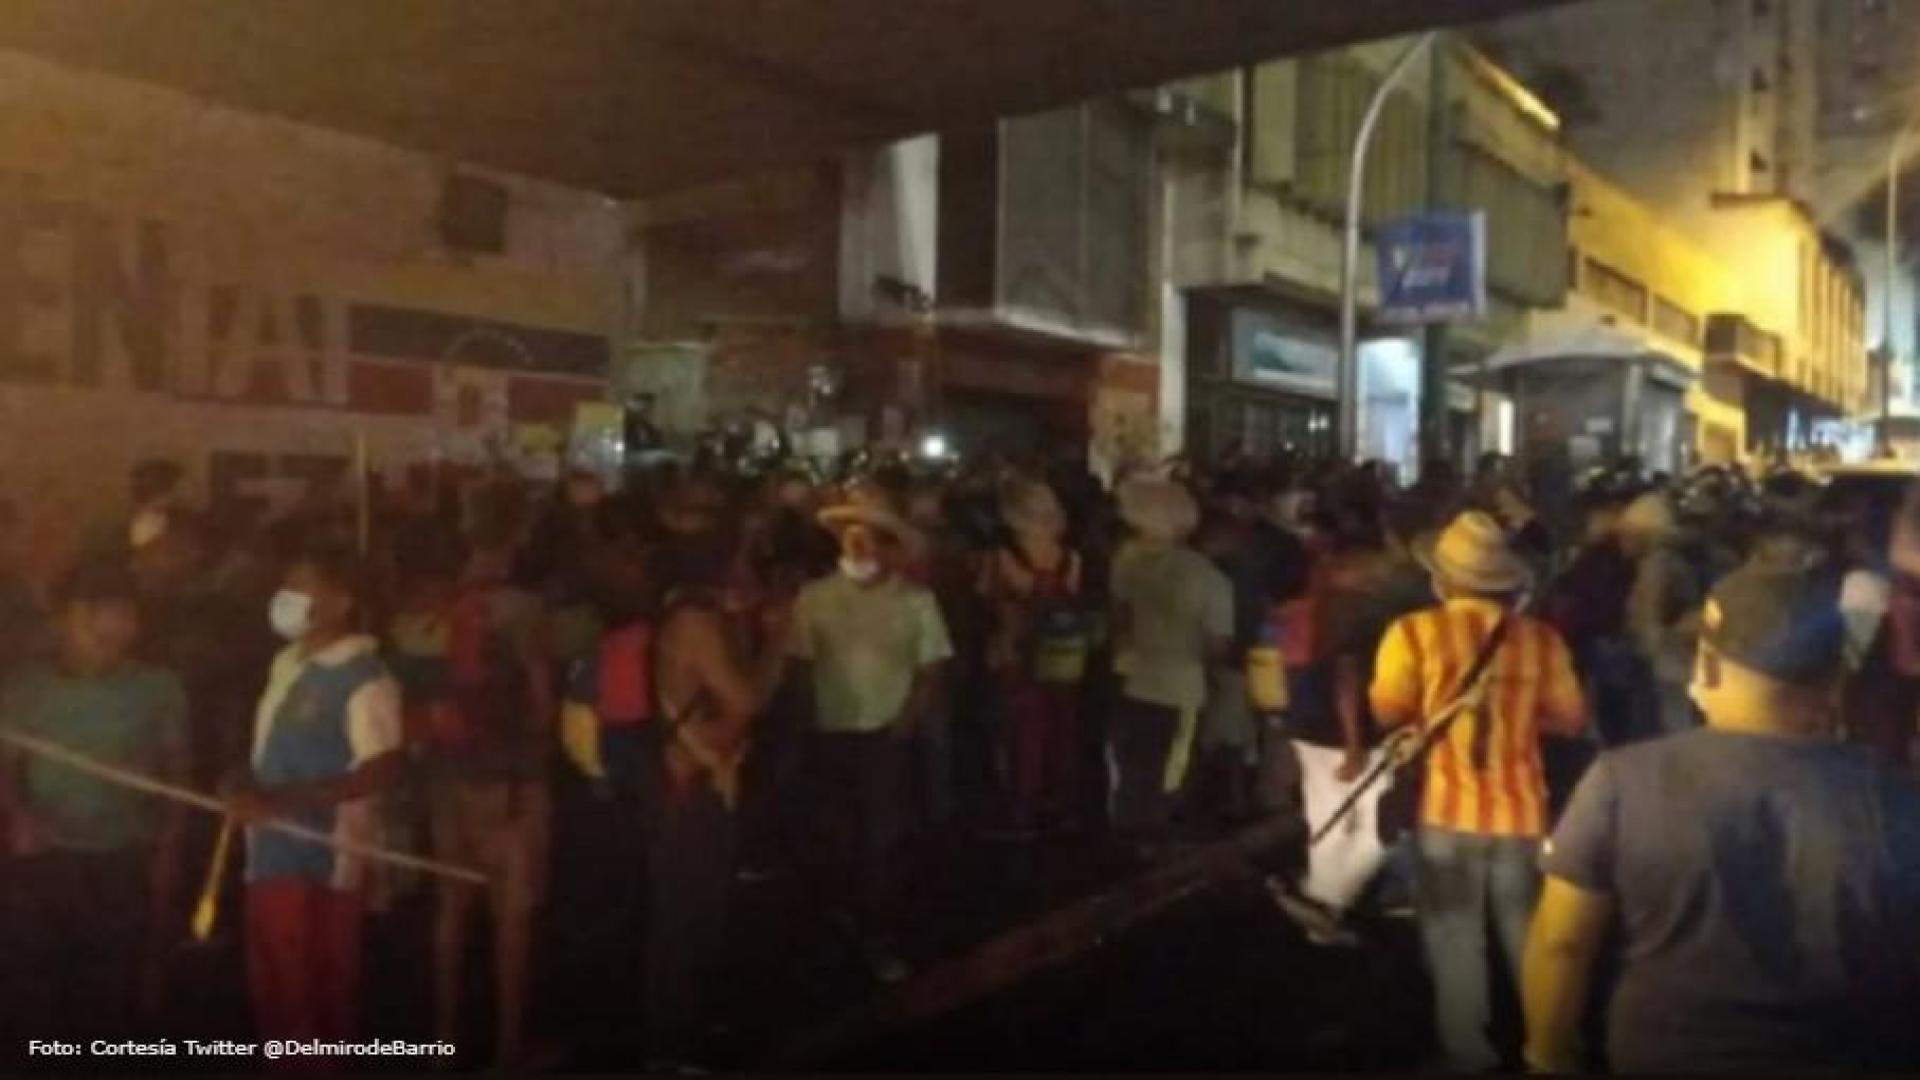 Indígenas protestaron cerca de Miraflores y pedían ser recibidos por Maduro